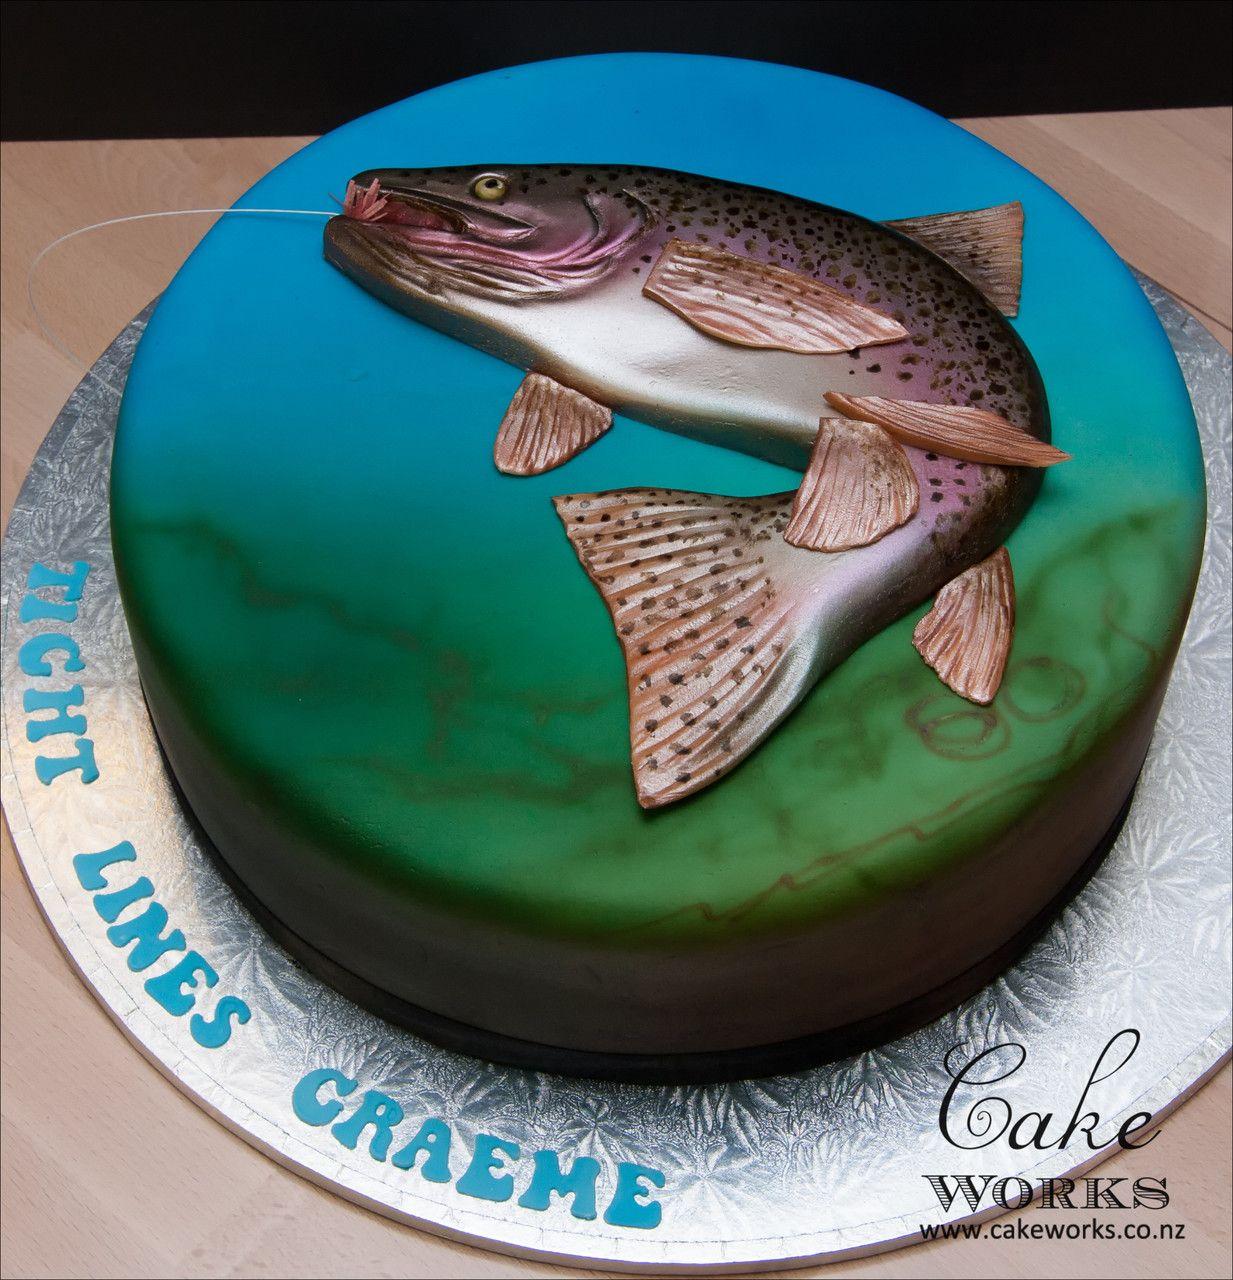 Cake Works New Zealand Whakatane Weddings Birthdays